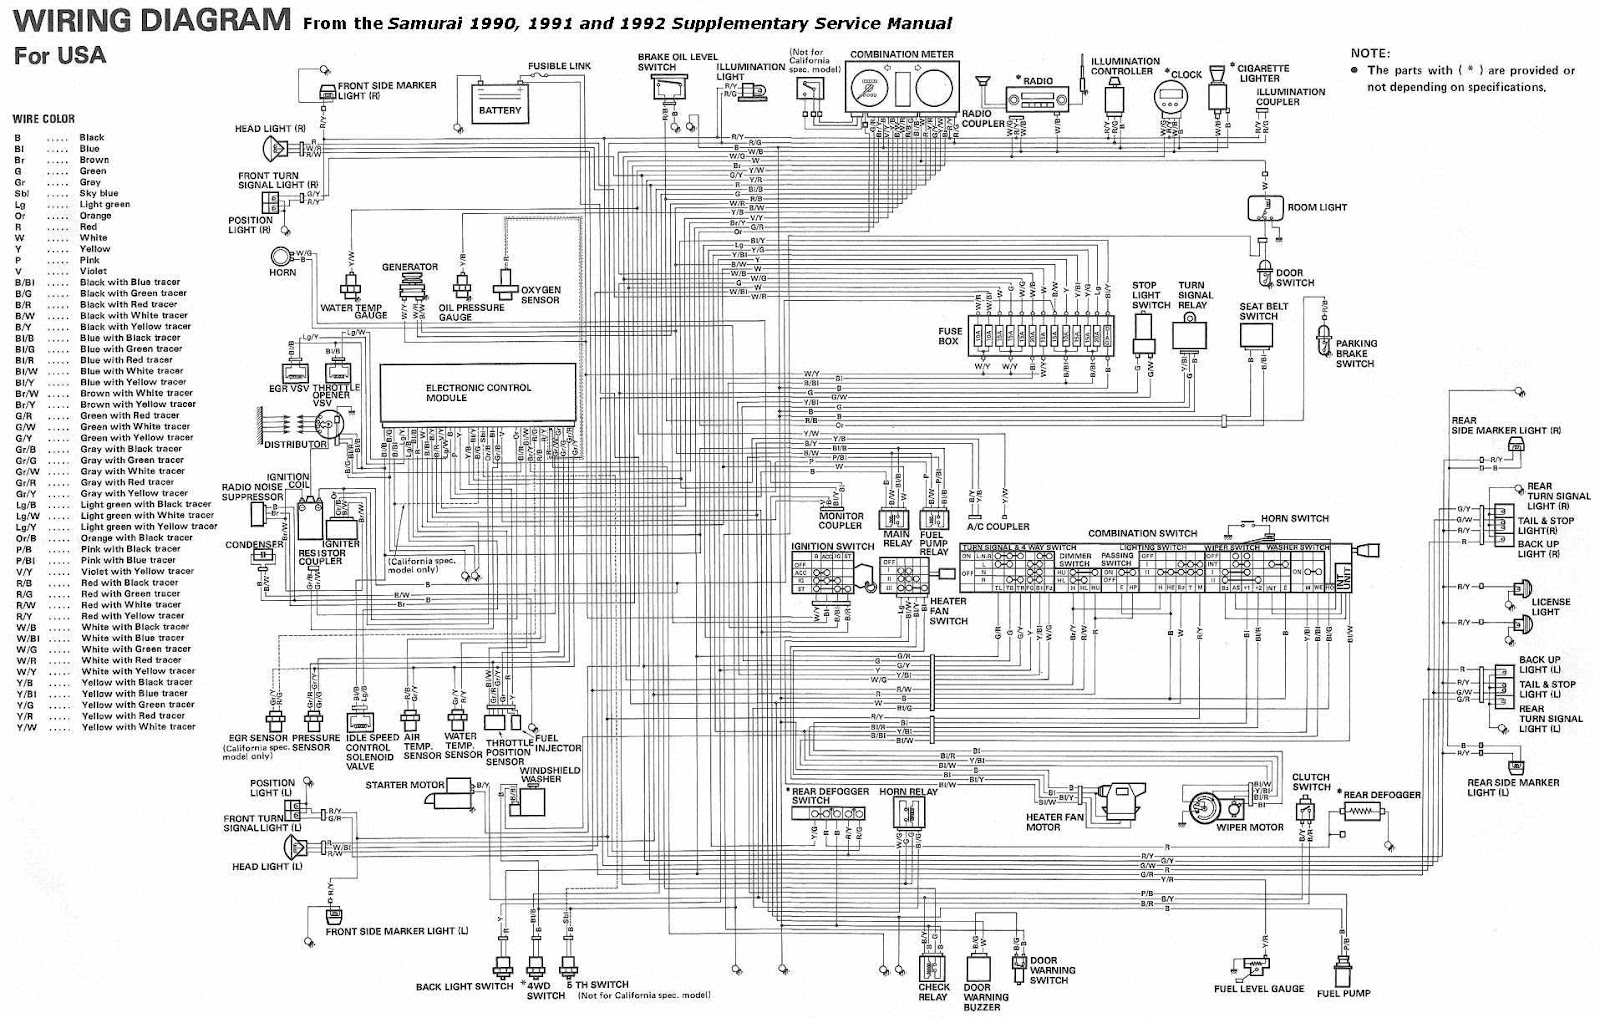 Wonderful Harley Davidson Wiring Schematic electrical design ...